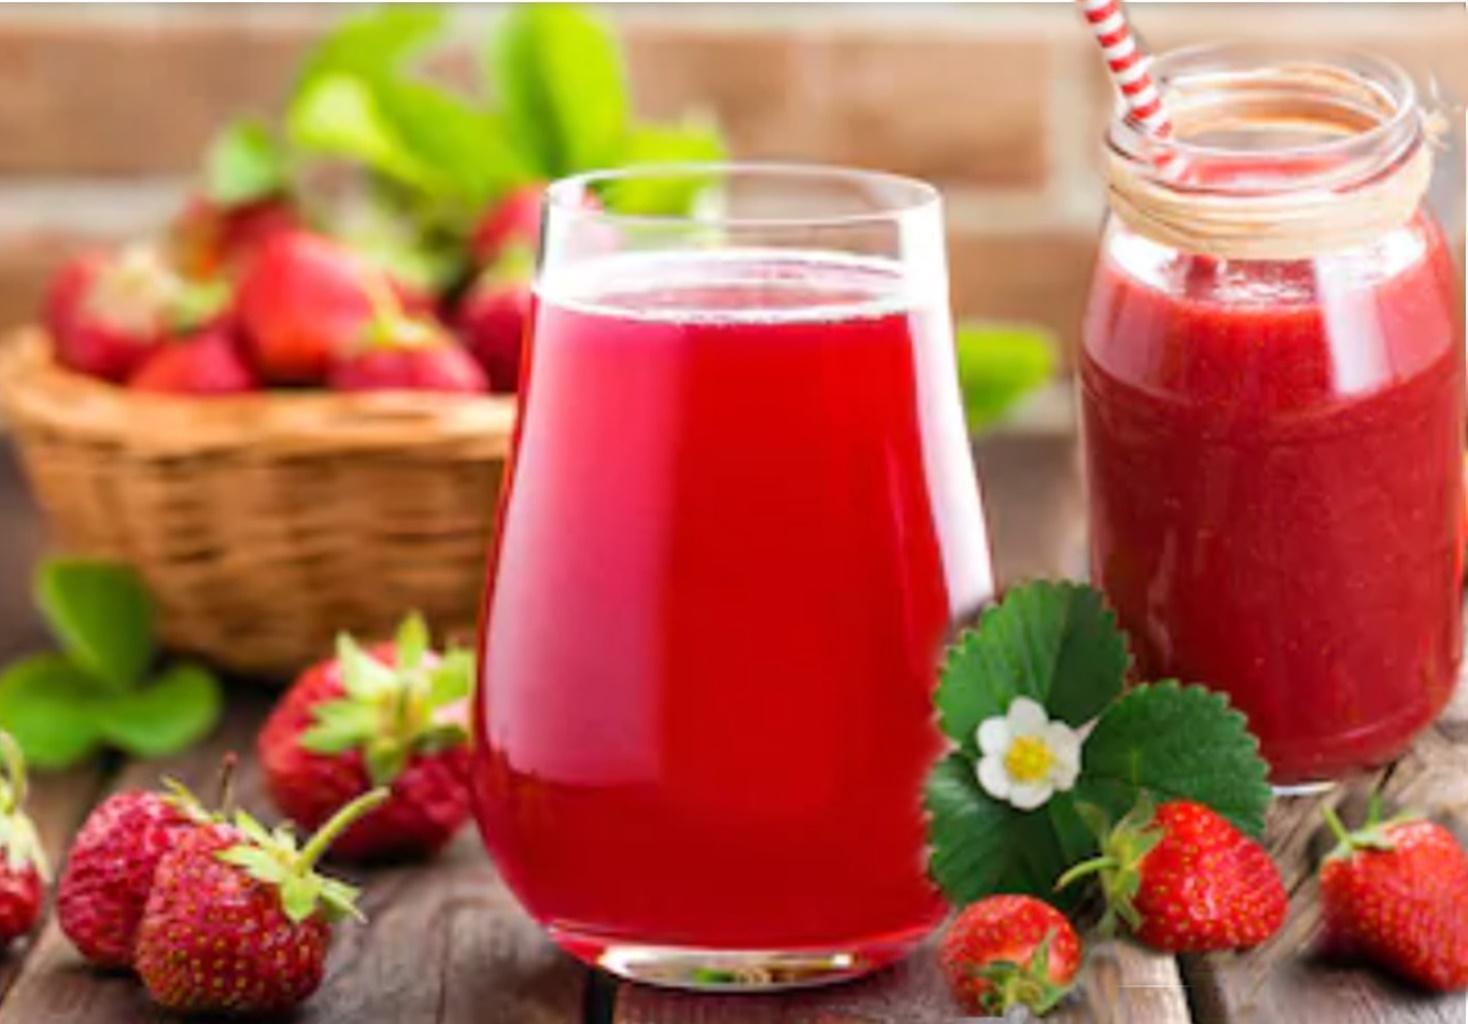 Sirop de căpșuni și Nectar de căpșuni. Două rețete cu căpșuni pentru cămara noastră